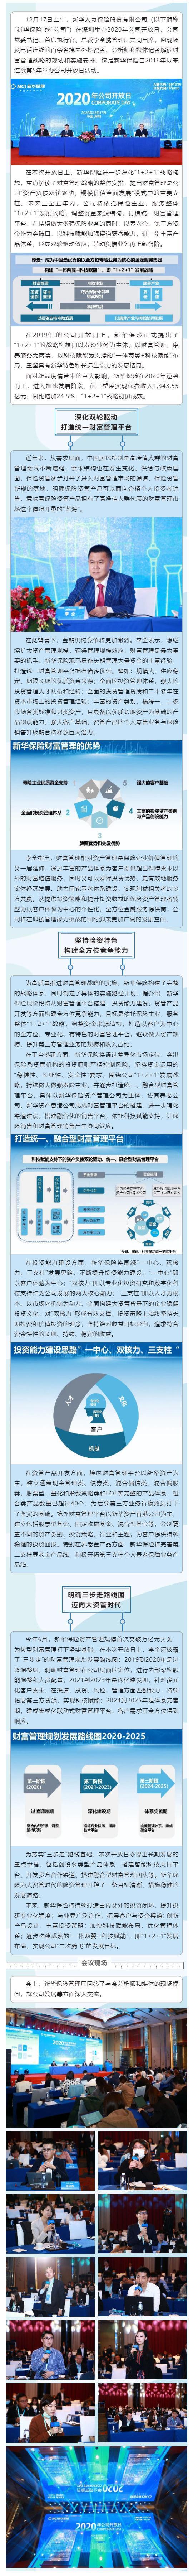 新华保险举办2020年公司开放日  解读财富管理战略_壹伴长图1.jpg